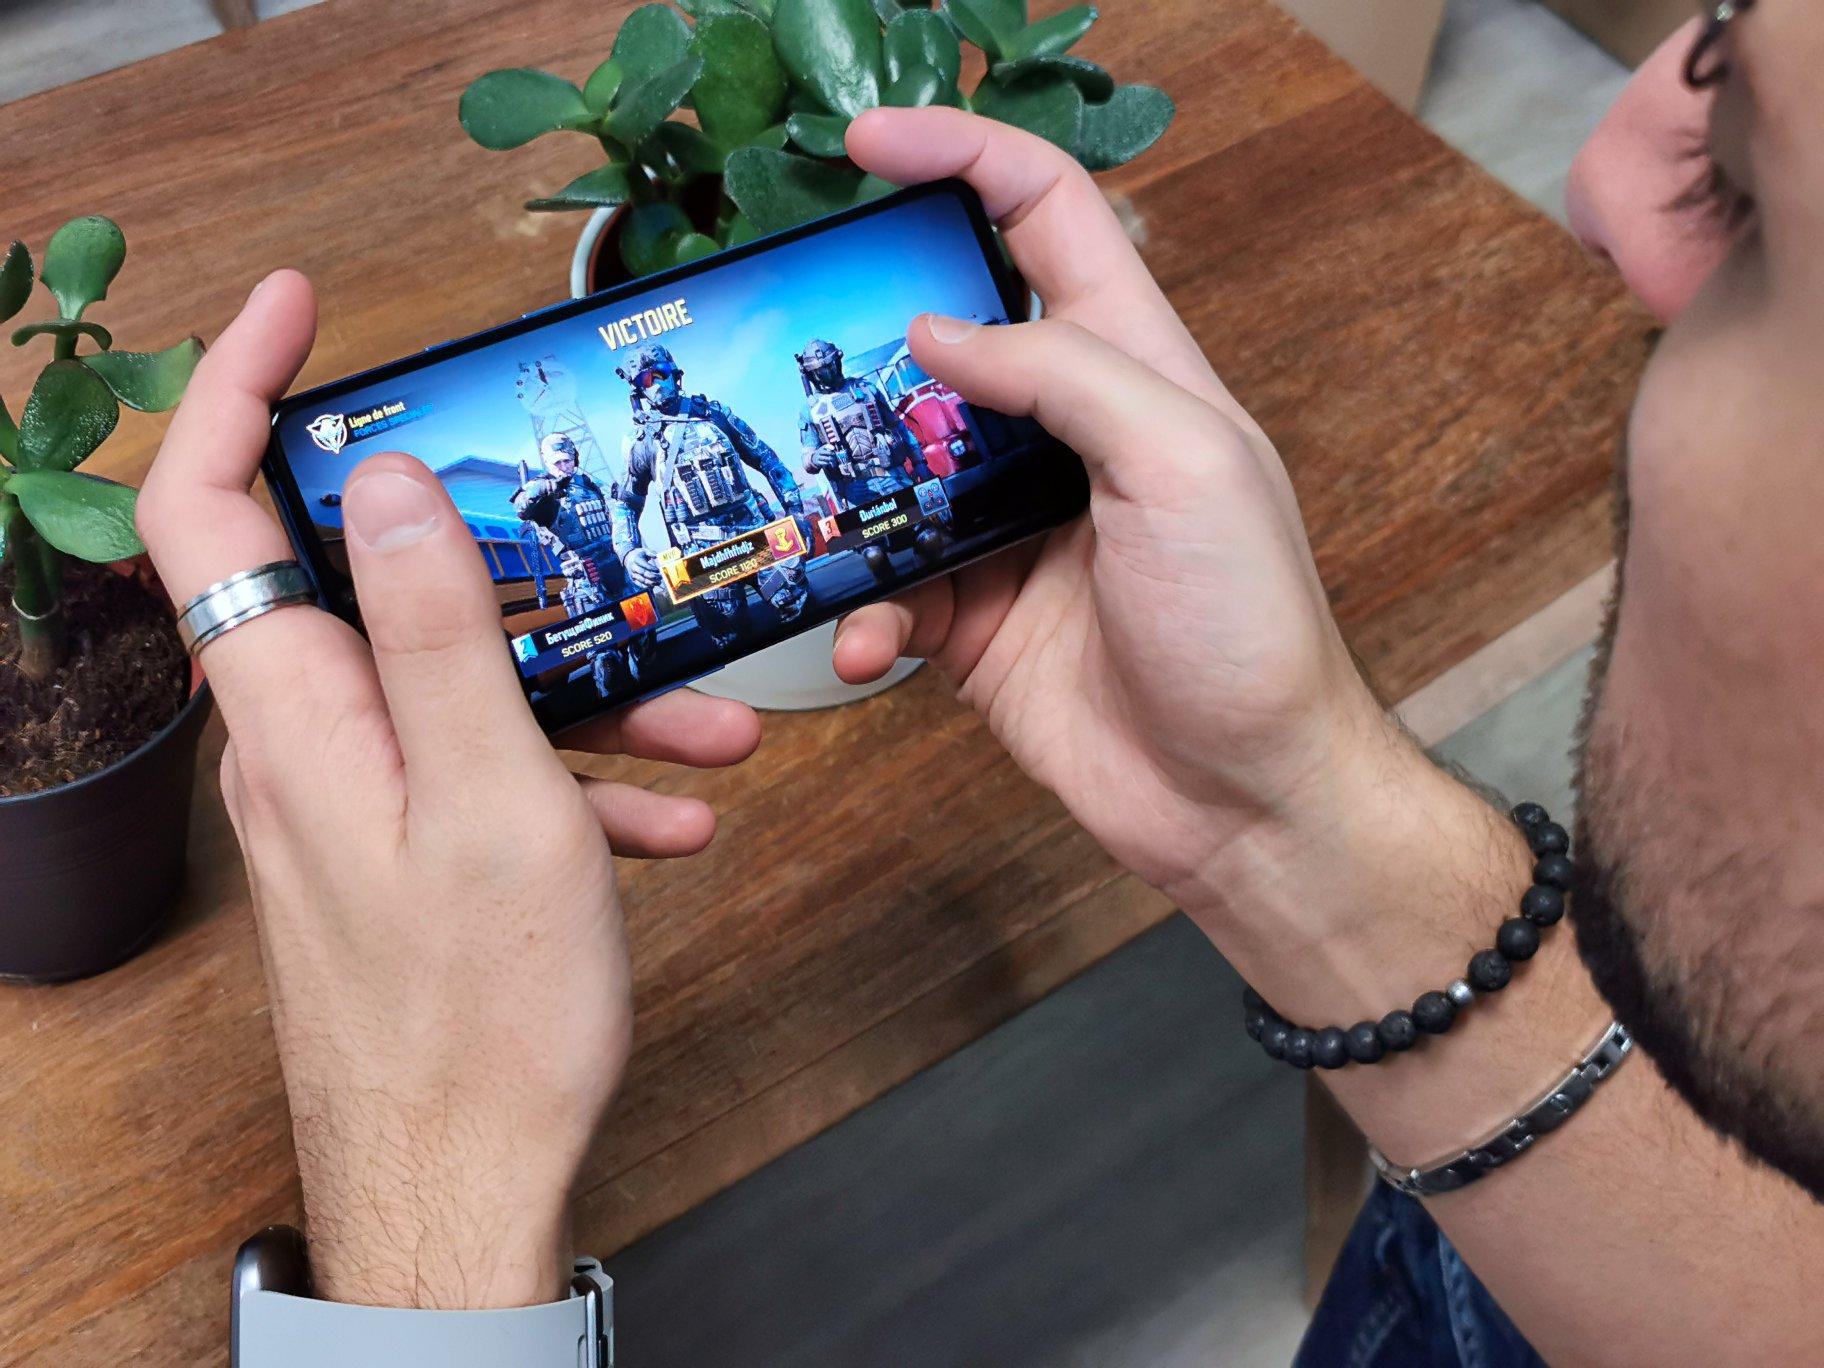 Les Meilleurs Fps Et Tps (Jeux De Tir) Sur Android Et Iphone serapportantà Jeux De Tir 2